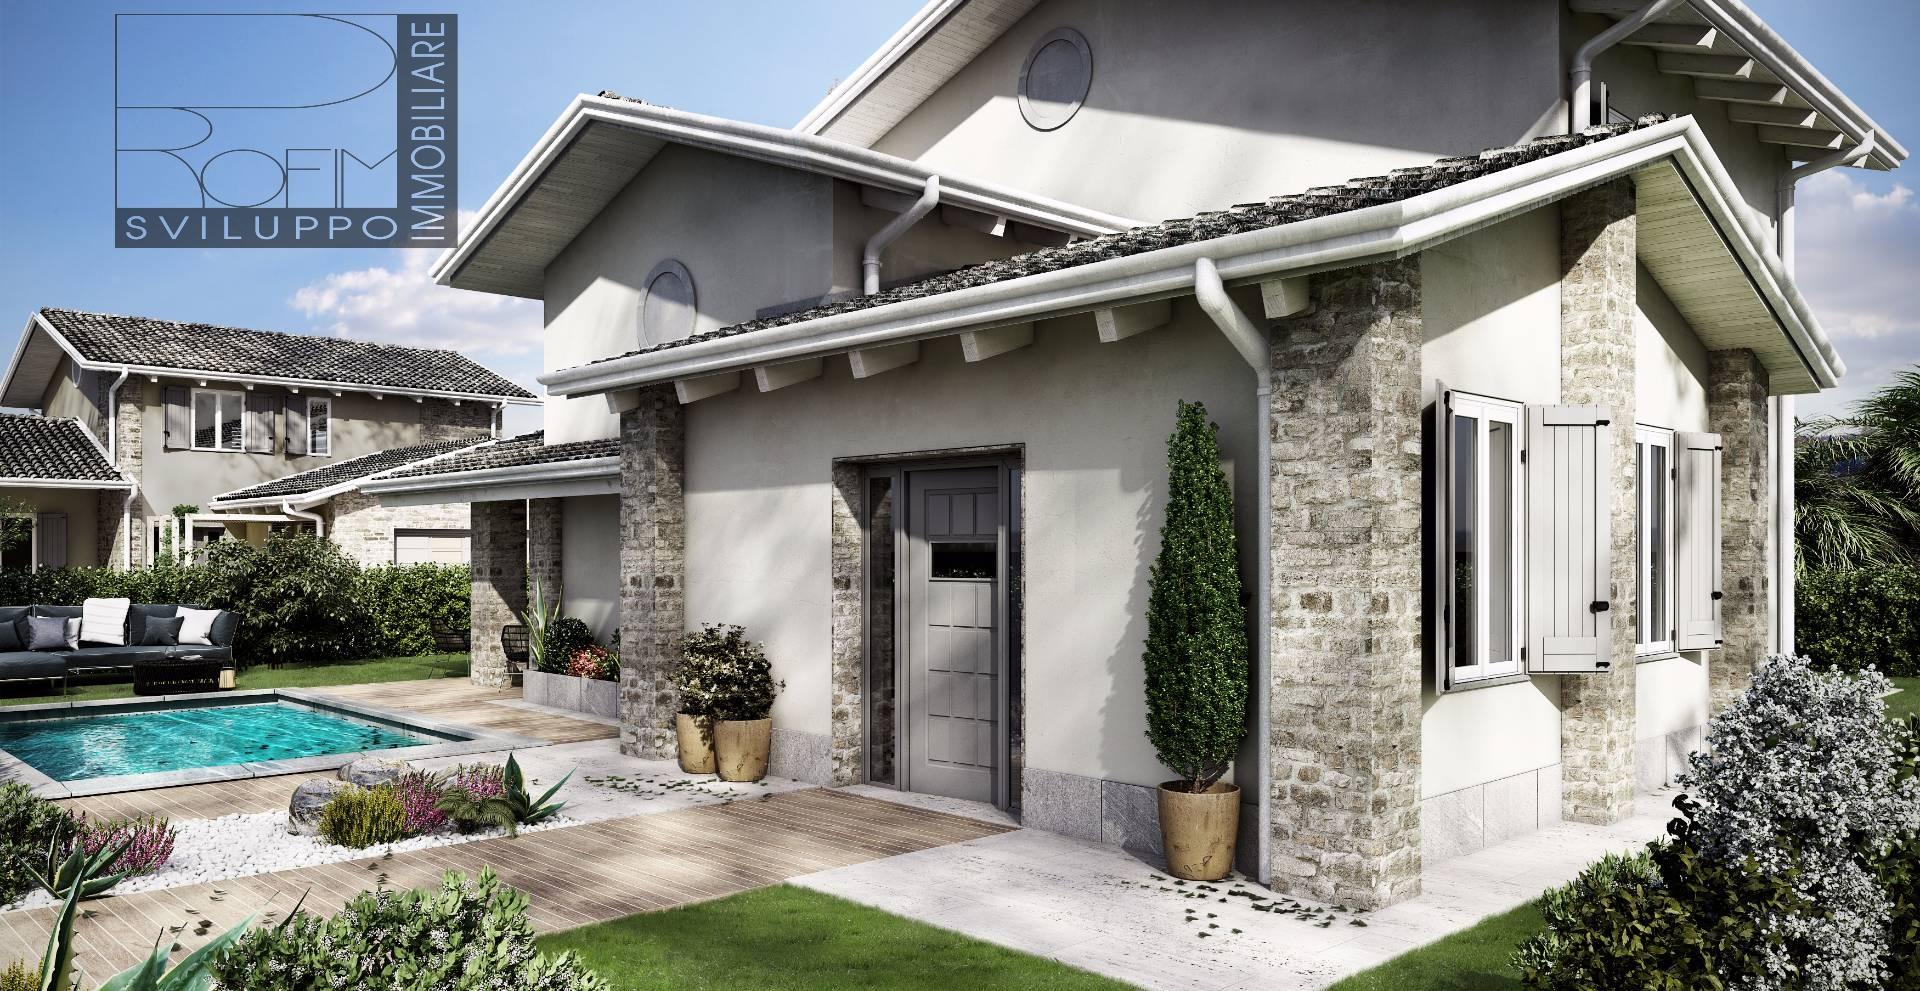 Villa in vendita a Spino d'Adda, 4 locali, prezzo € 477.000 | CambioCasa.it